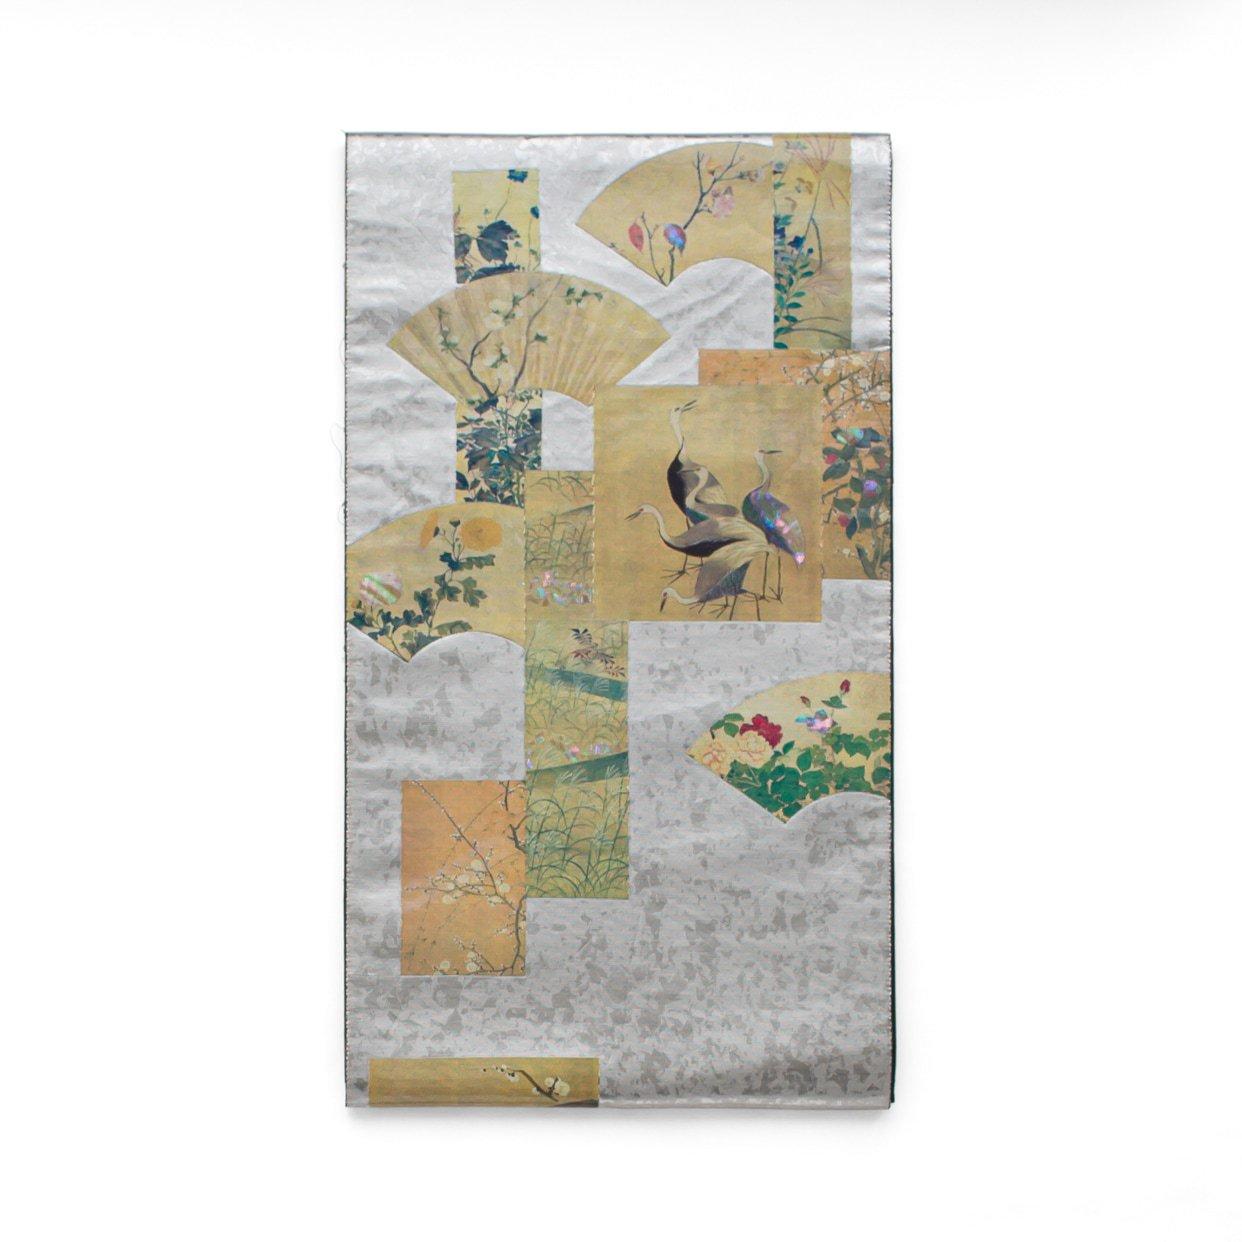 「袋帯●螺鈿の鶴や菊など」の商品画像